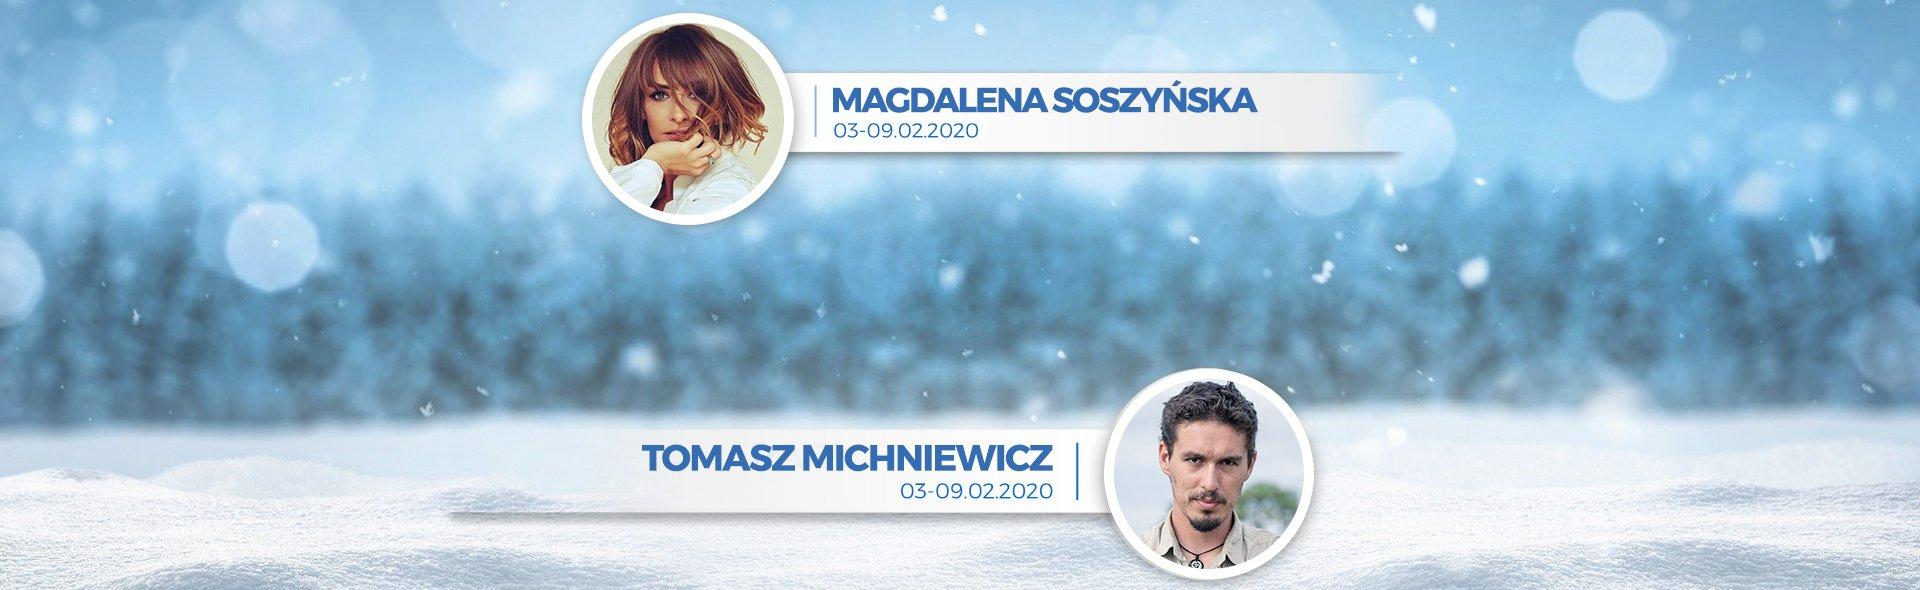 КАНИКУЛЫ ИССЛЕДОВАТЕЛЕЙ – IV неделя (03.02-09.02.2020) с Томашем Михневичем и Магдаленой Сошыньской